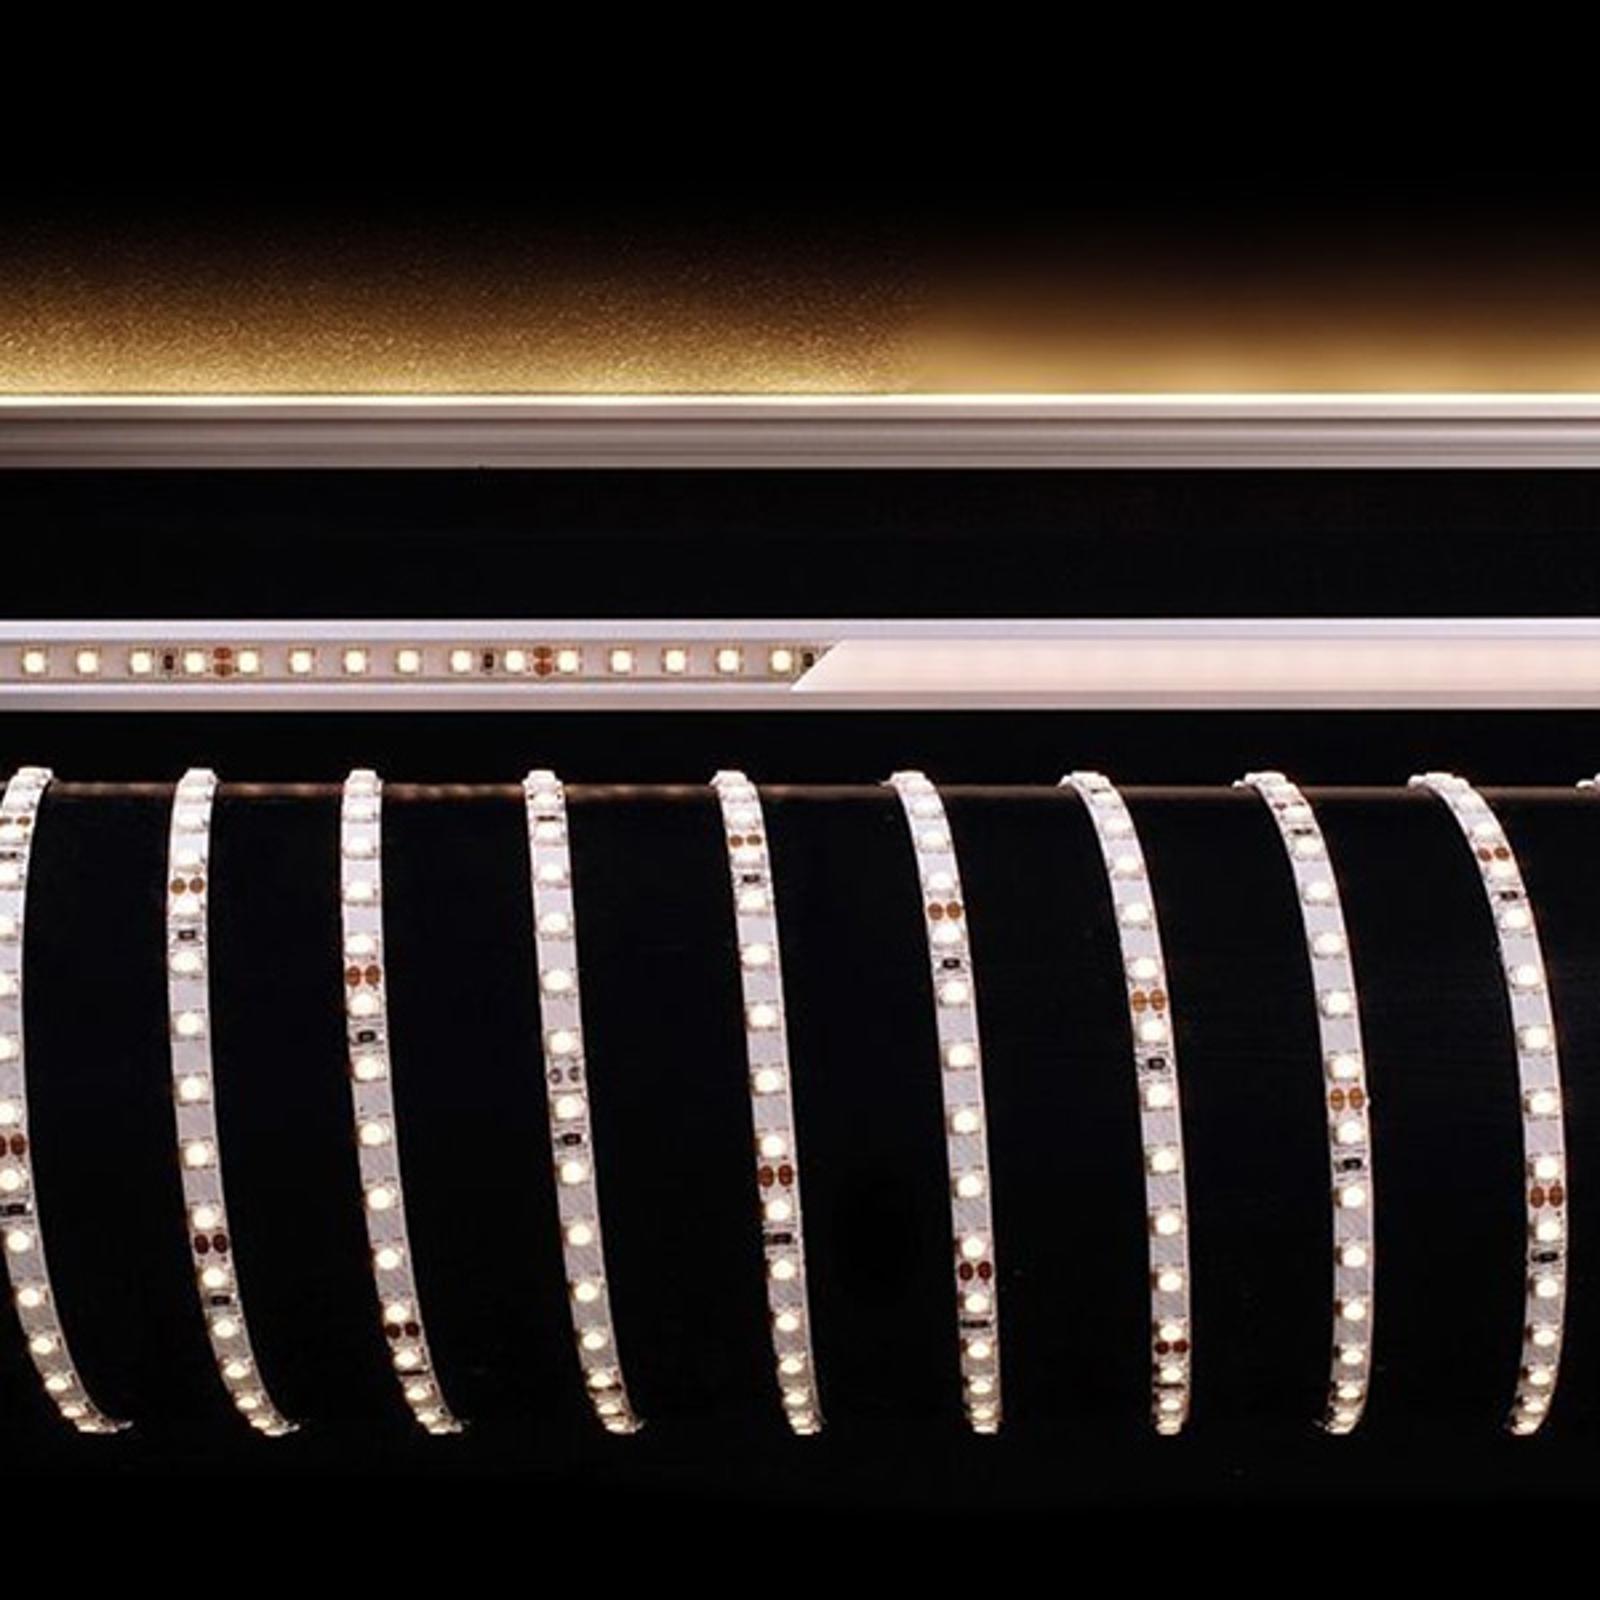 Flexibel LED-list, 65 W 500 x 0,8 x 0,3 cm 3000 K